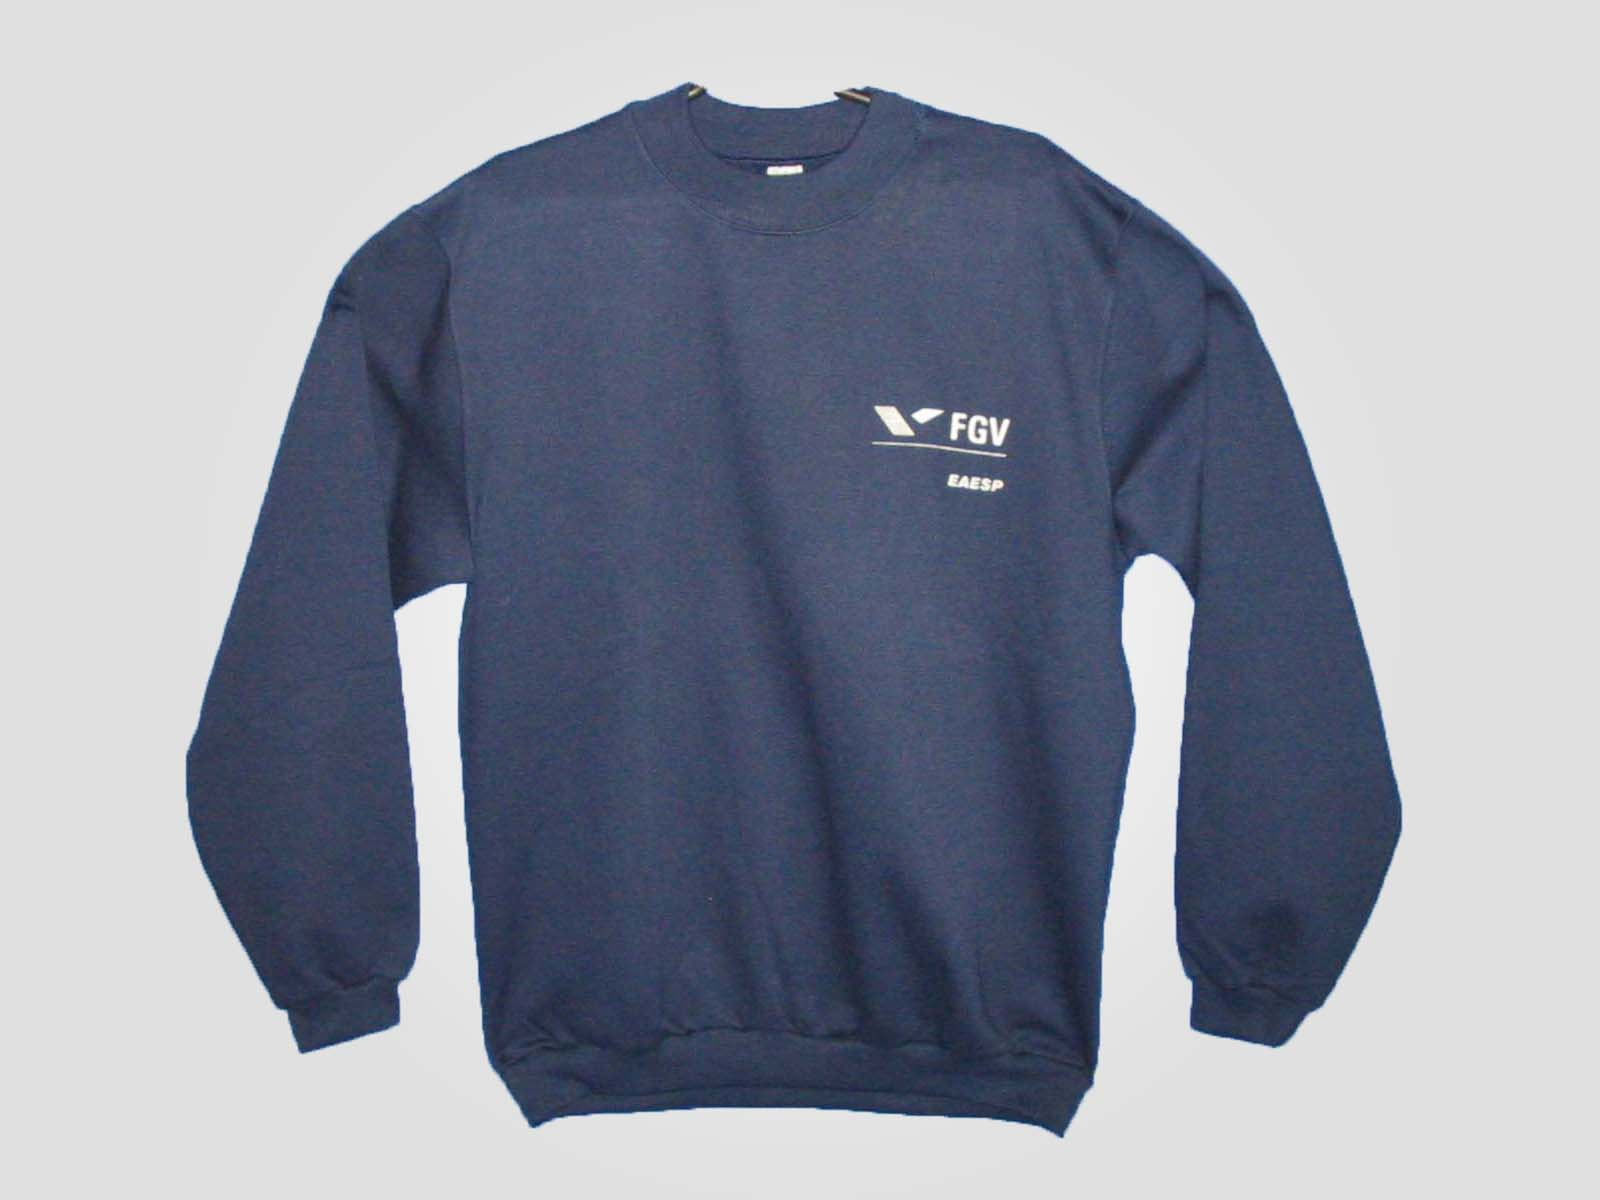 blusão FGV marinho